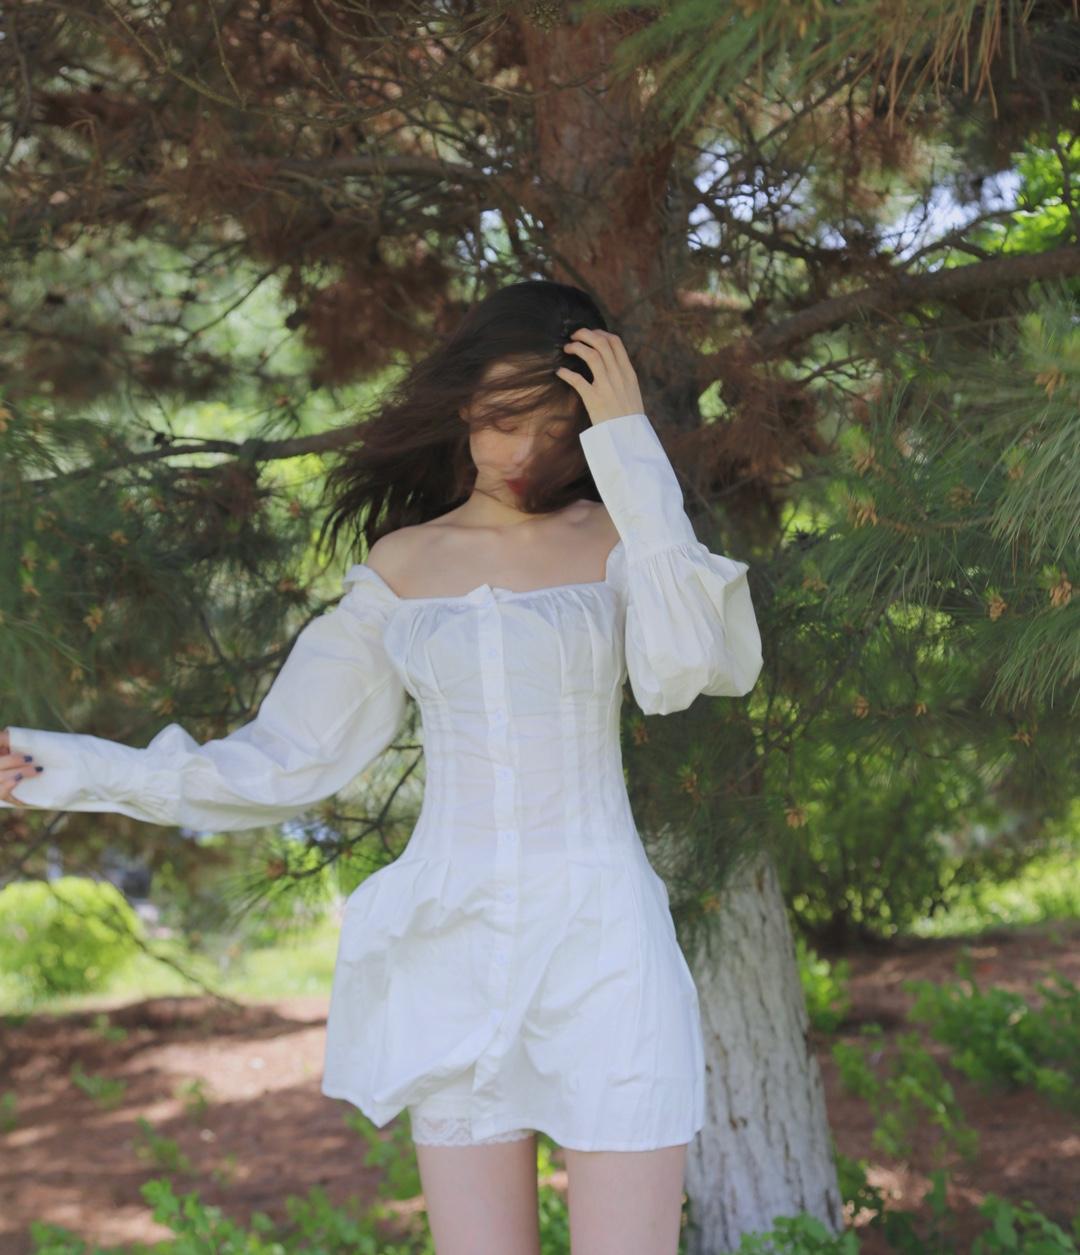 #夏日就该性感一下,考虑考虑~# 什么神仙裙子啊。也太好看了吧。 这条裙子偏欧美系,完美挡住麒麟臂,对大胸小胸都炒鸡友好。 后背的心机设计简直深得我心。 而且收腰效果特别强,穿上立马拥有小蛮腰。 裙子有点短,但是恰到好处。 料子还很凉快。 鞋子真的搭什么都行。白色的就好。 这件单品,一定要入!